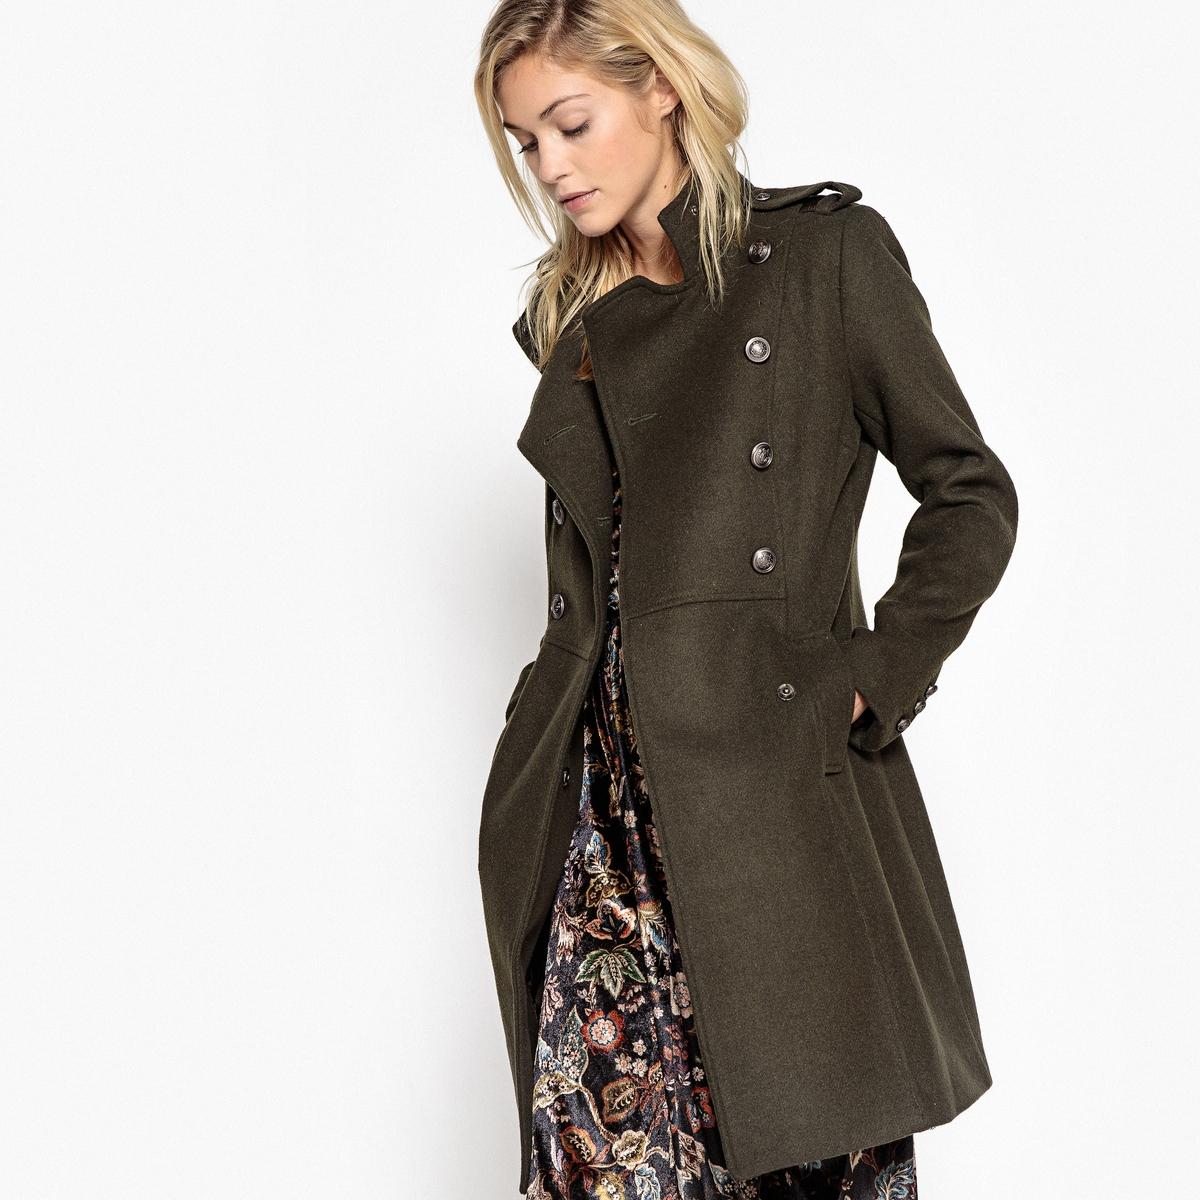 Пальто длинное в стиле милитари, 55% шерстиОписание:Структурированная форма пальто в стиле милитари для стильного внешнего вида. Длинная и прямая форма удлиняет силуэт и придает стильный внешний вид.Детали •  Длина : удлиненная модель •  Воротник-стойка • Застежка на пуговицыСостав и уход •  55% шерсти, 45% полиэстера  •  Следуйте советам по уходу, указанным на этикетке •  Длина : 91 см<br><br>Цвет: синий морской,хаки,черный<br>Размер: 42 (FR) - 48 (RUS).42 (FR) - 48 (RUS)